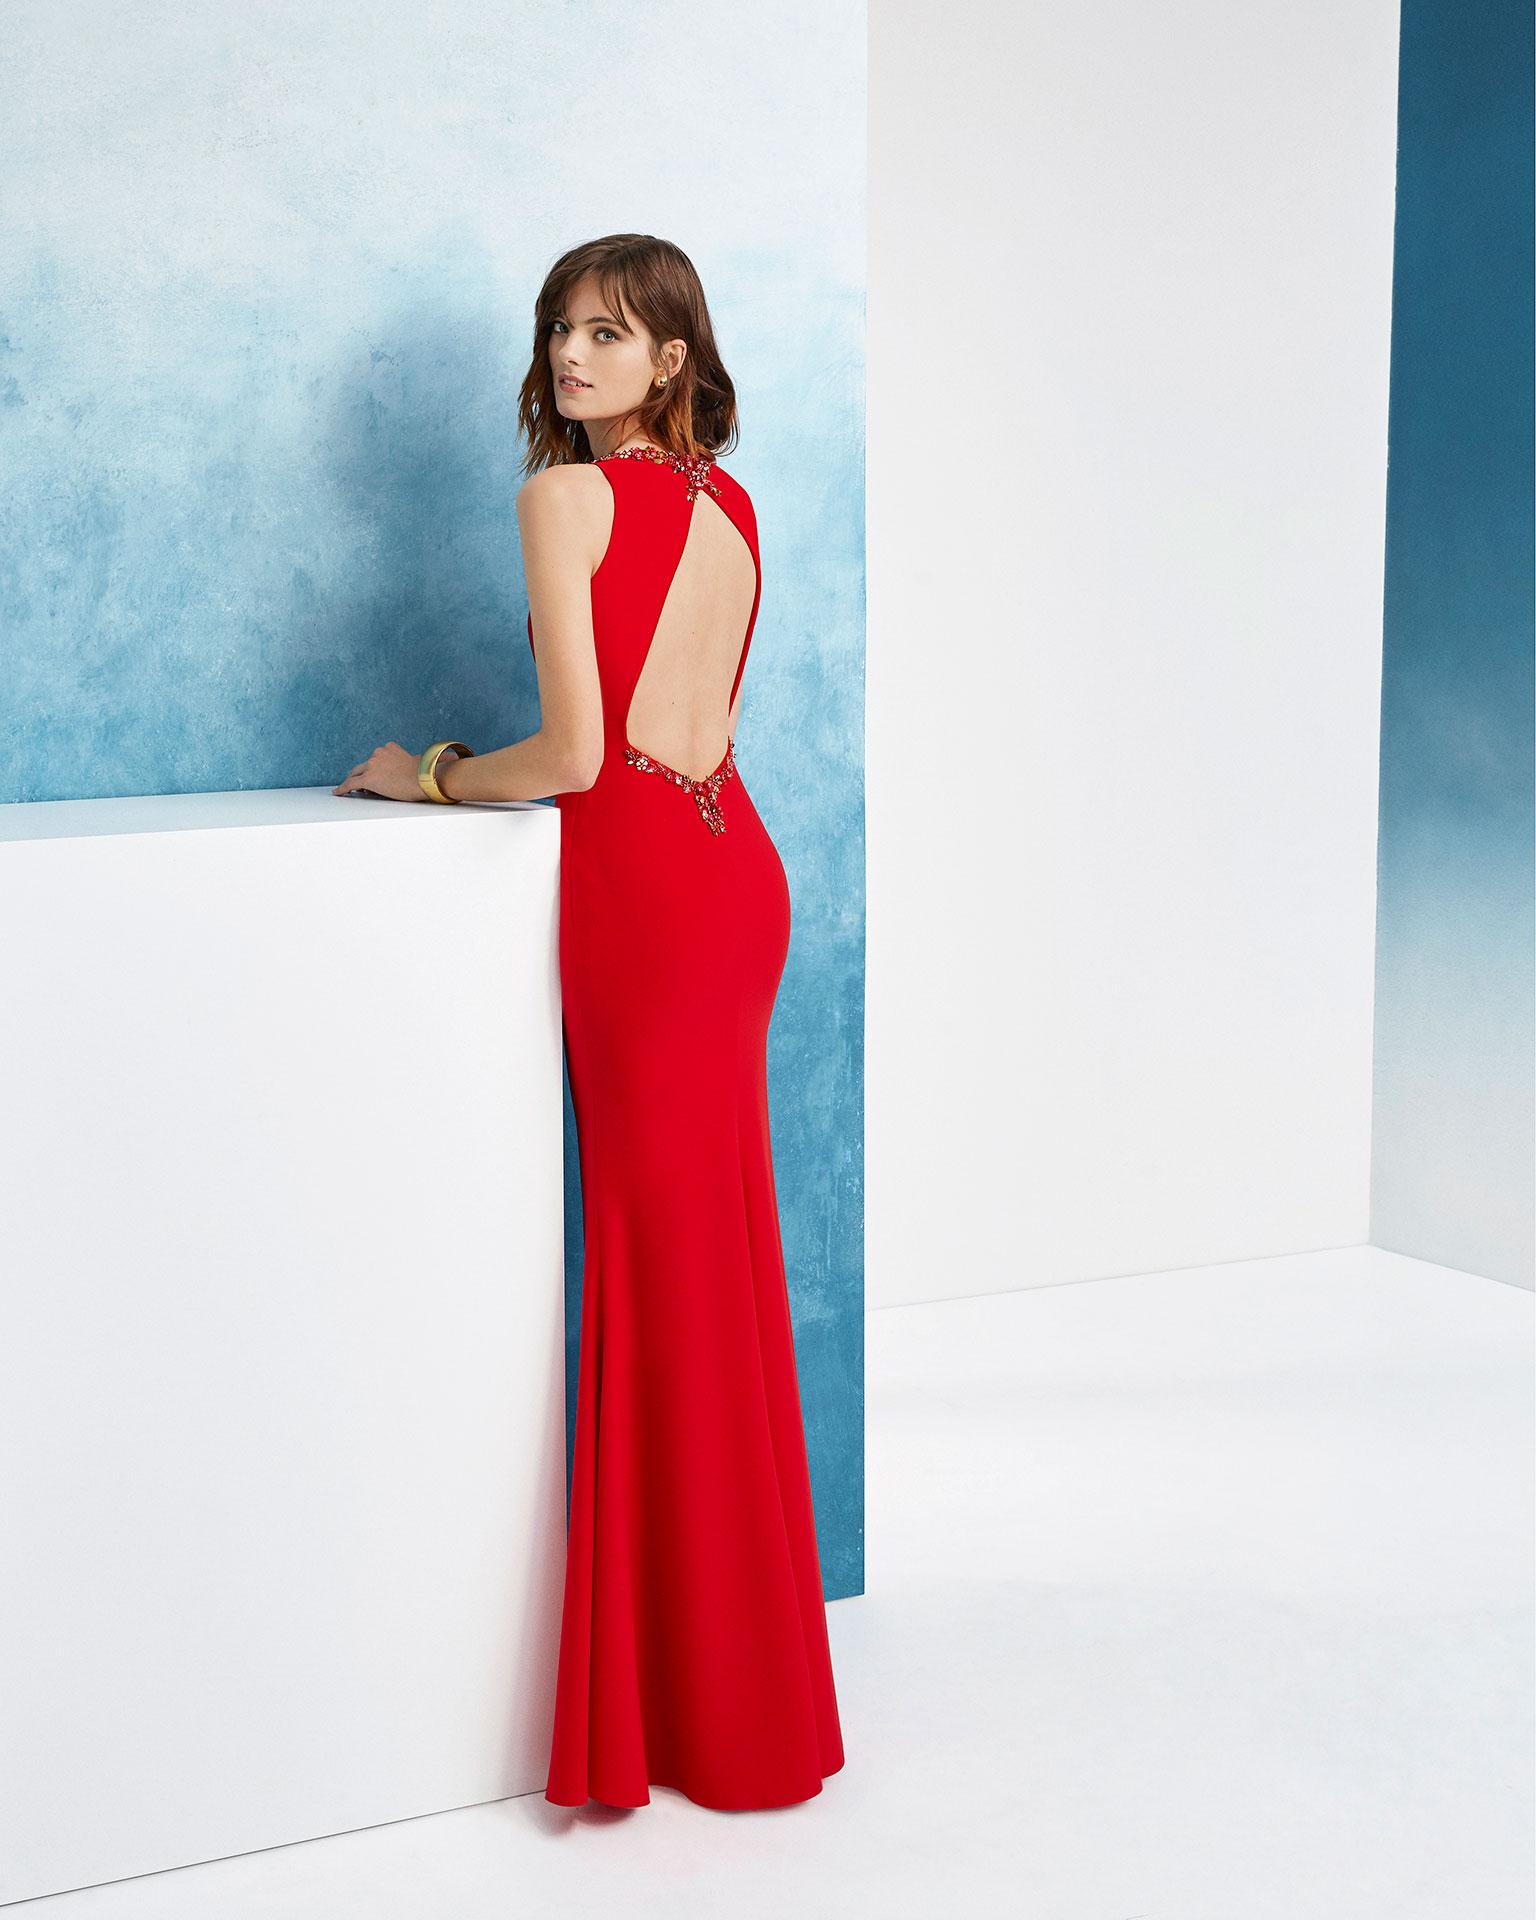 珠饰绉绸修身鸡尾酒会礼服。珠饰领口低背设计。 AIRE_BARCELONA_FIESTA 新品系列 2019.